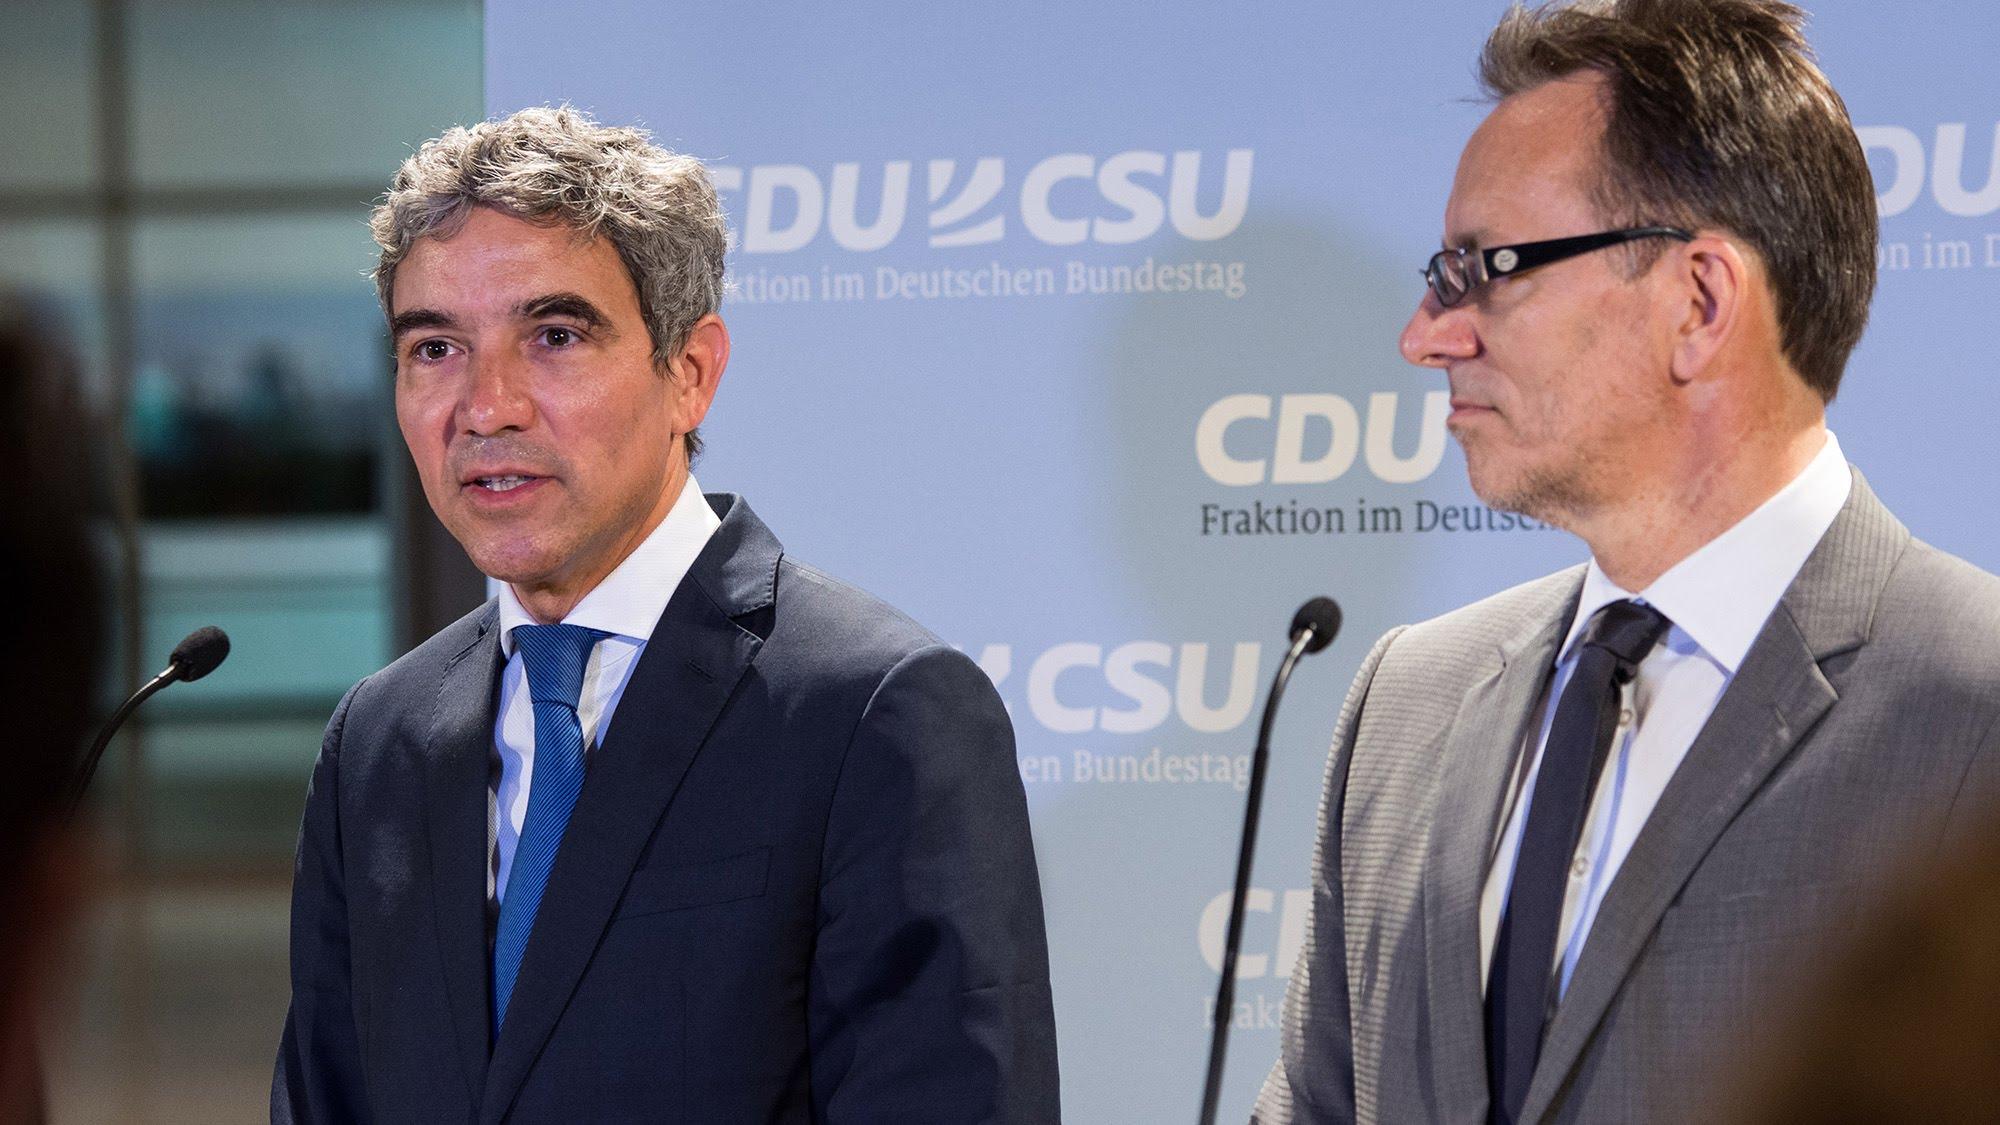 BKA-Chef Holger Münch und der stellvertretende Fraktionsvorsitzende der Union Dr. Stephan Harbarth bei der Vorstellung des Zwölf-Punkte-Programms.